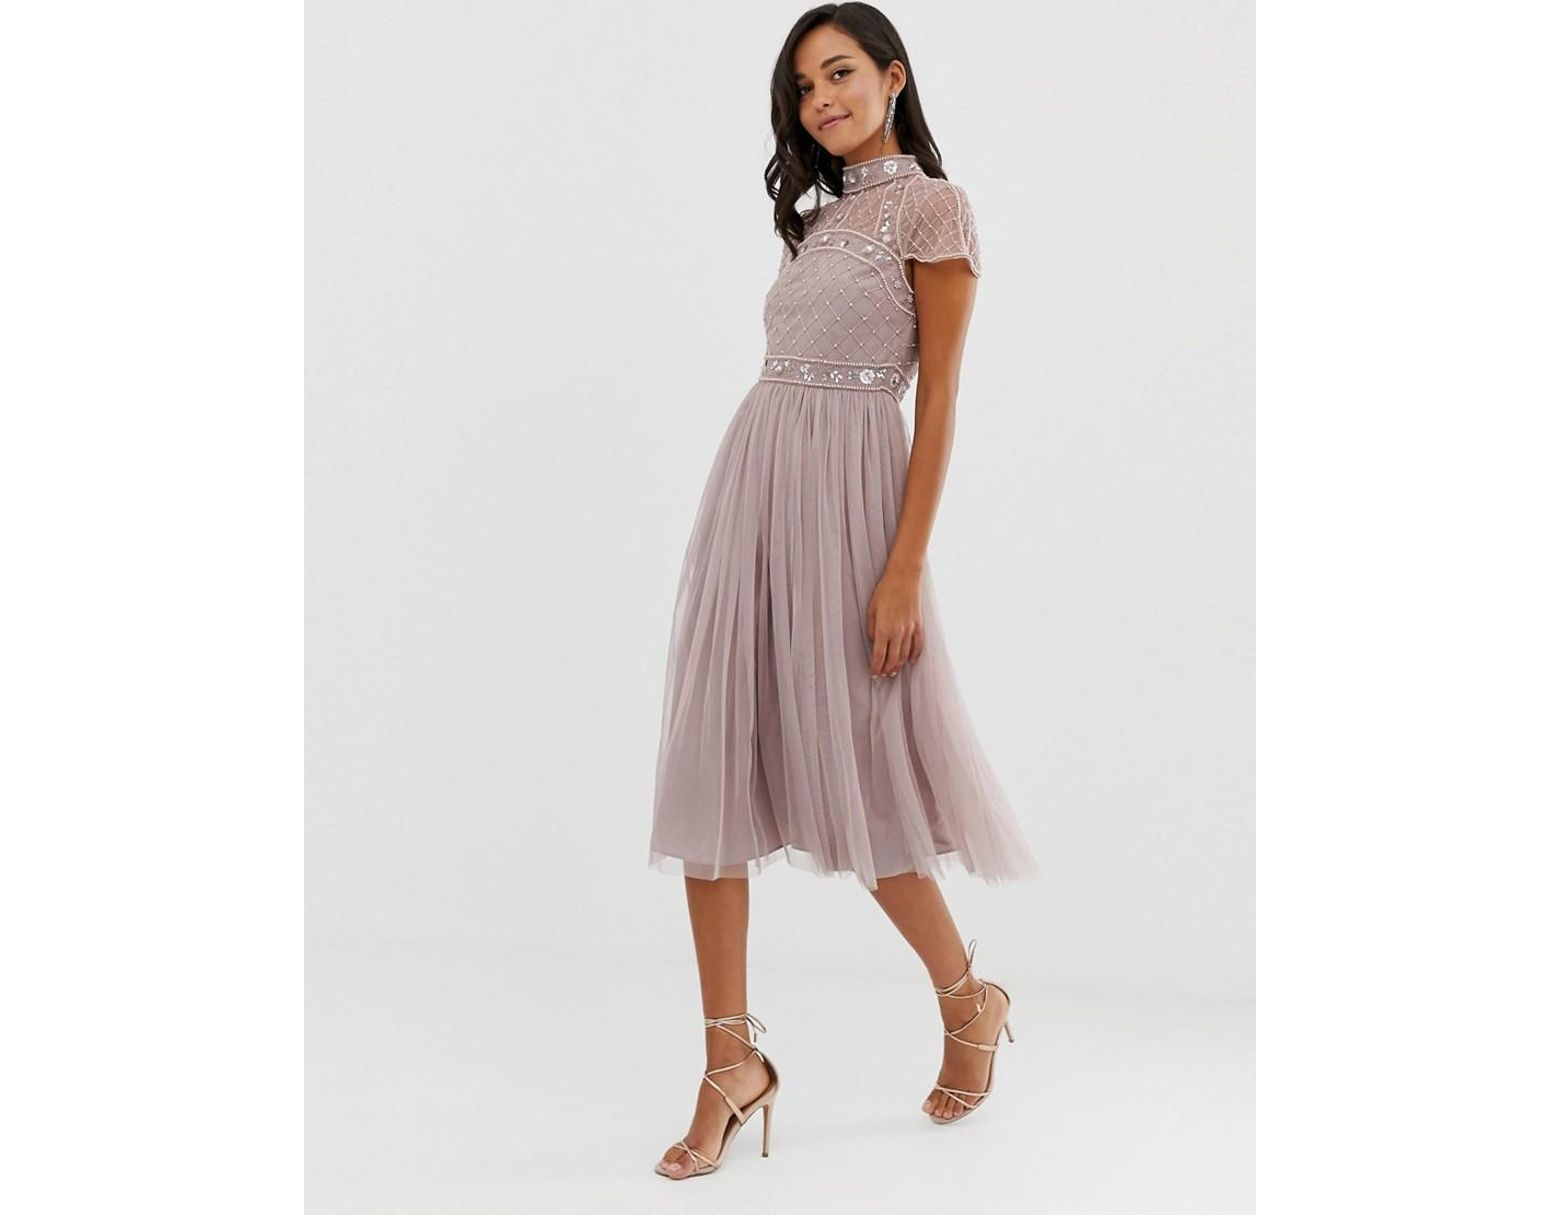 9edb6fb14 Vestido midi con top corto adornado y falda de tul de mujer